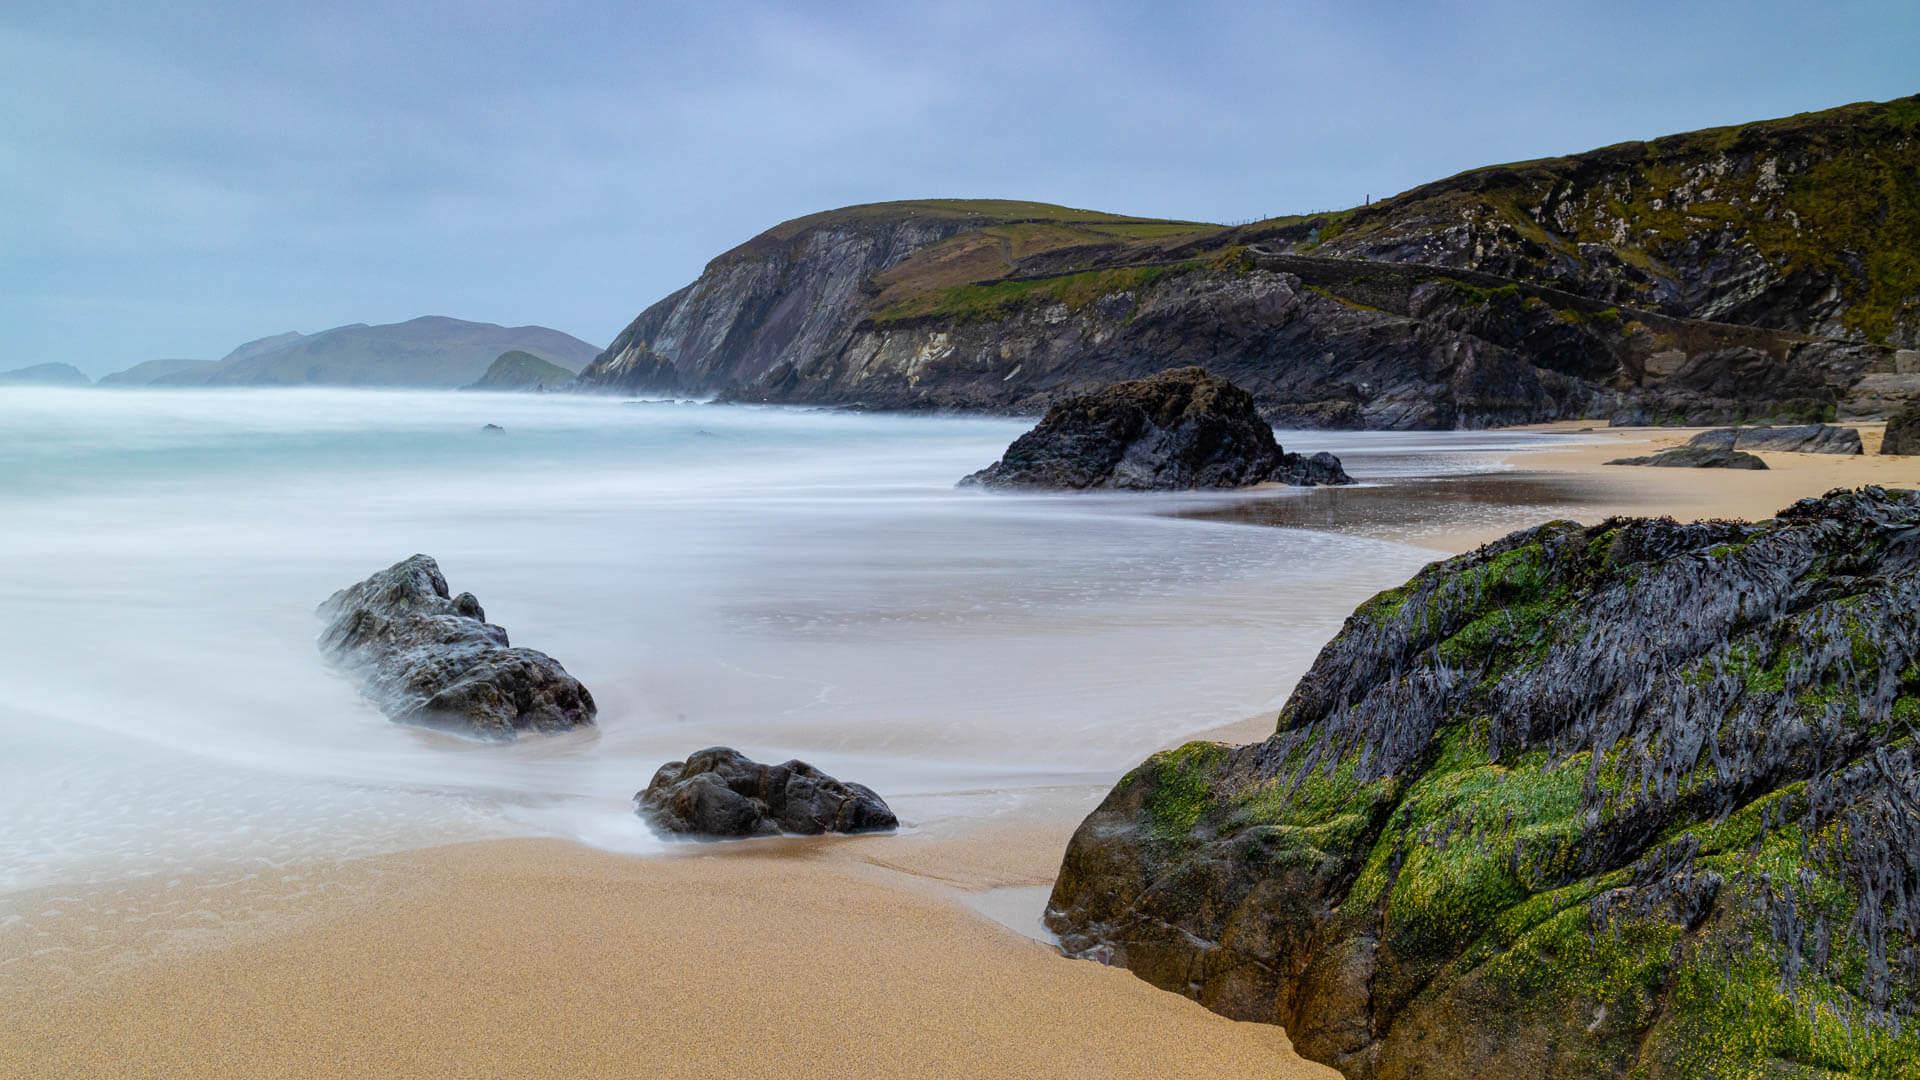 Stille, märchenhafte See an einem Küstenabschnitt der Dingle Halbinsel in Irland.